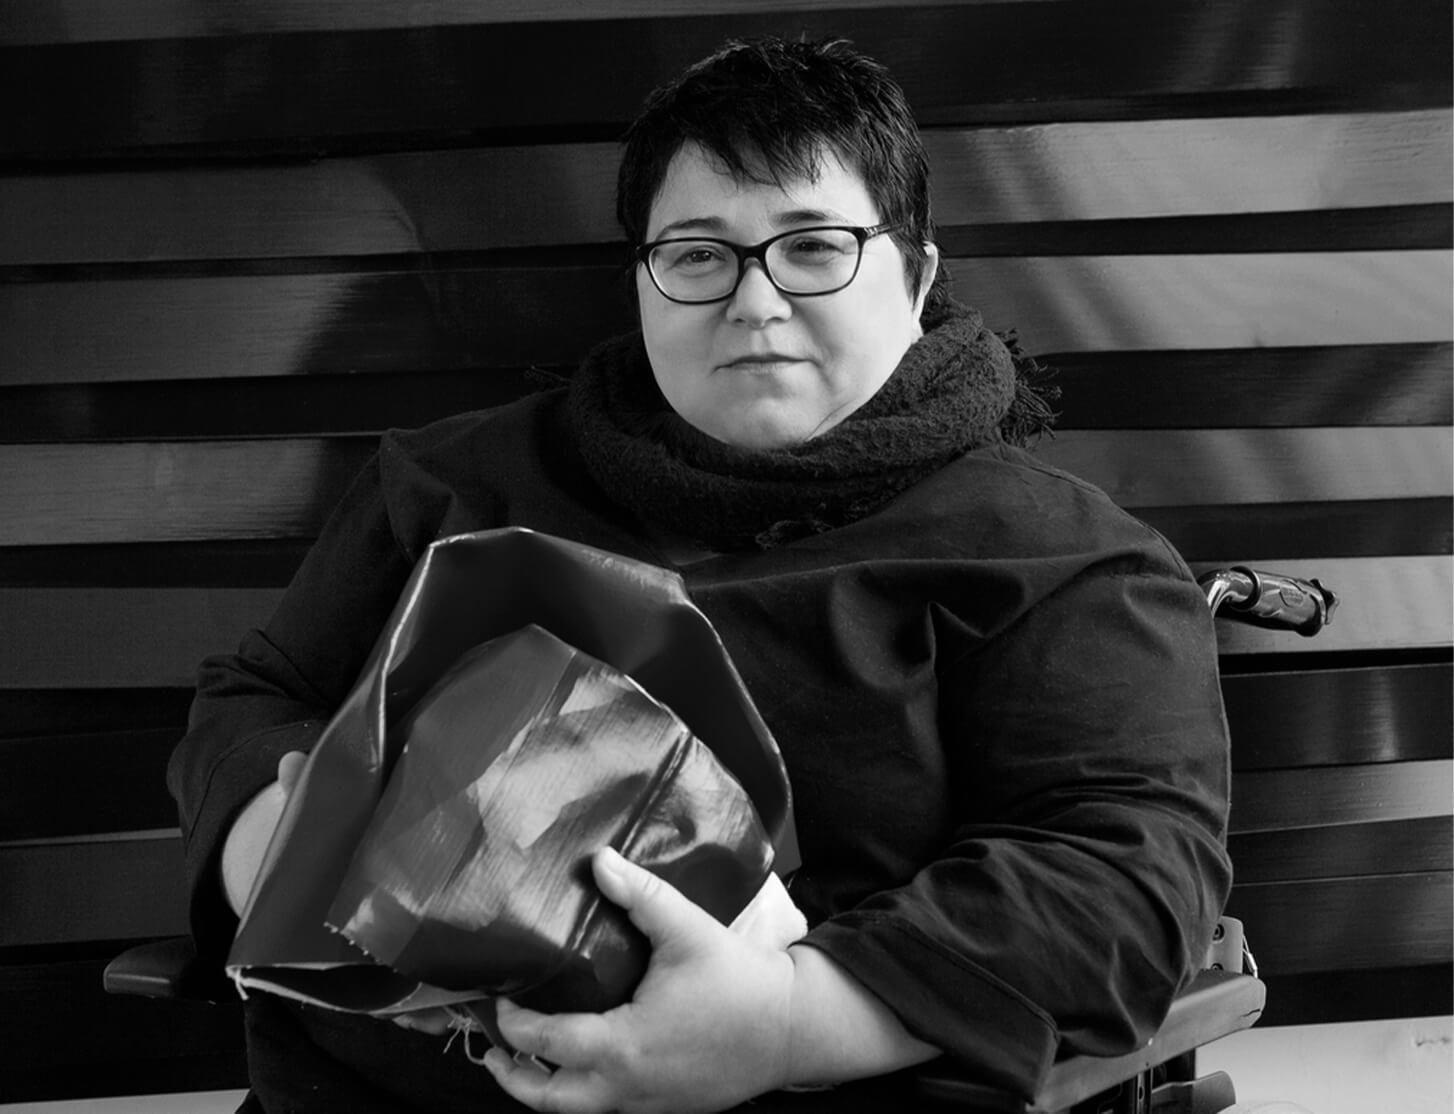 Angela de la Cruz interviewed for The Gentlewoman